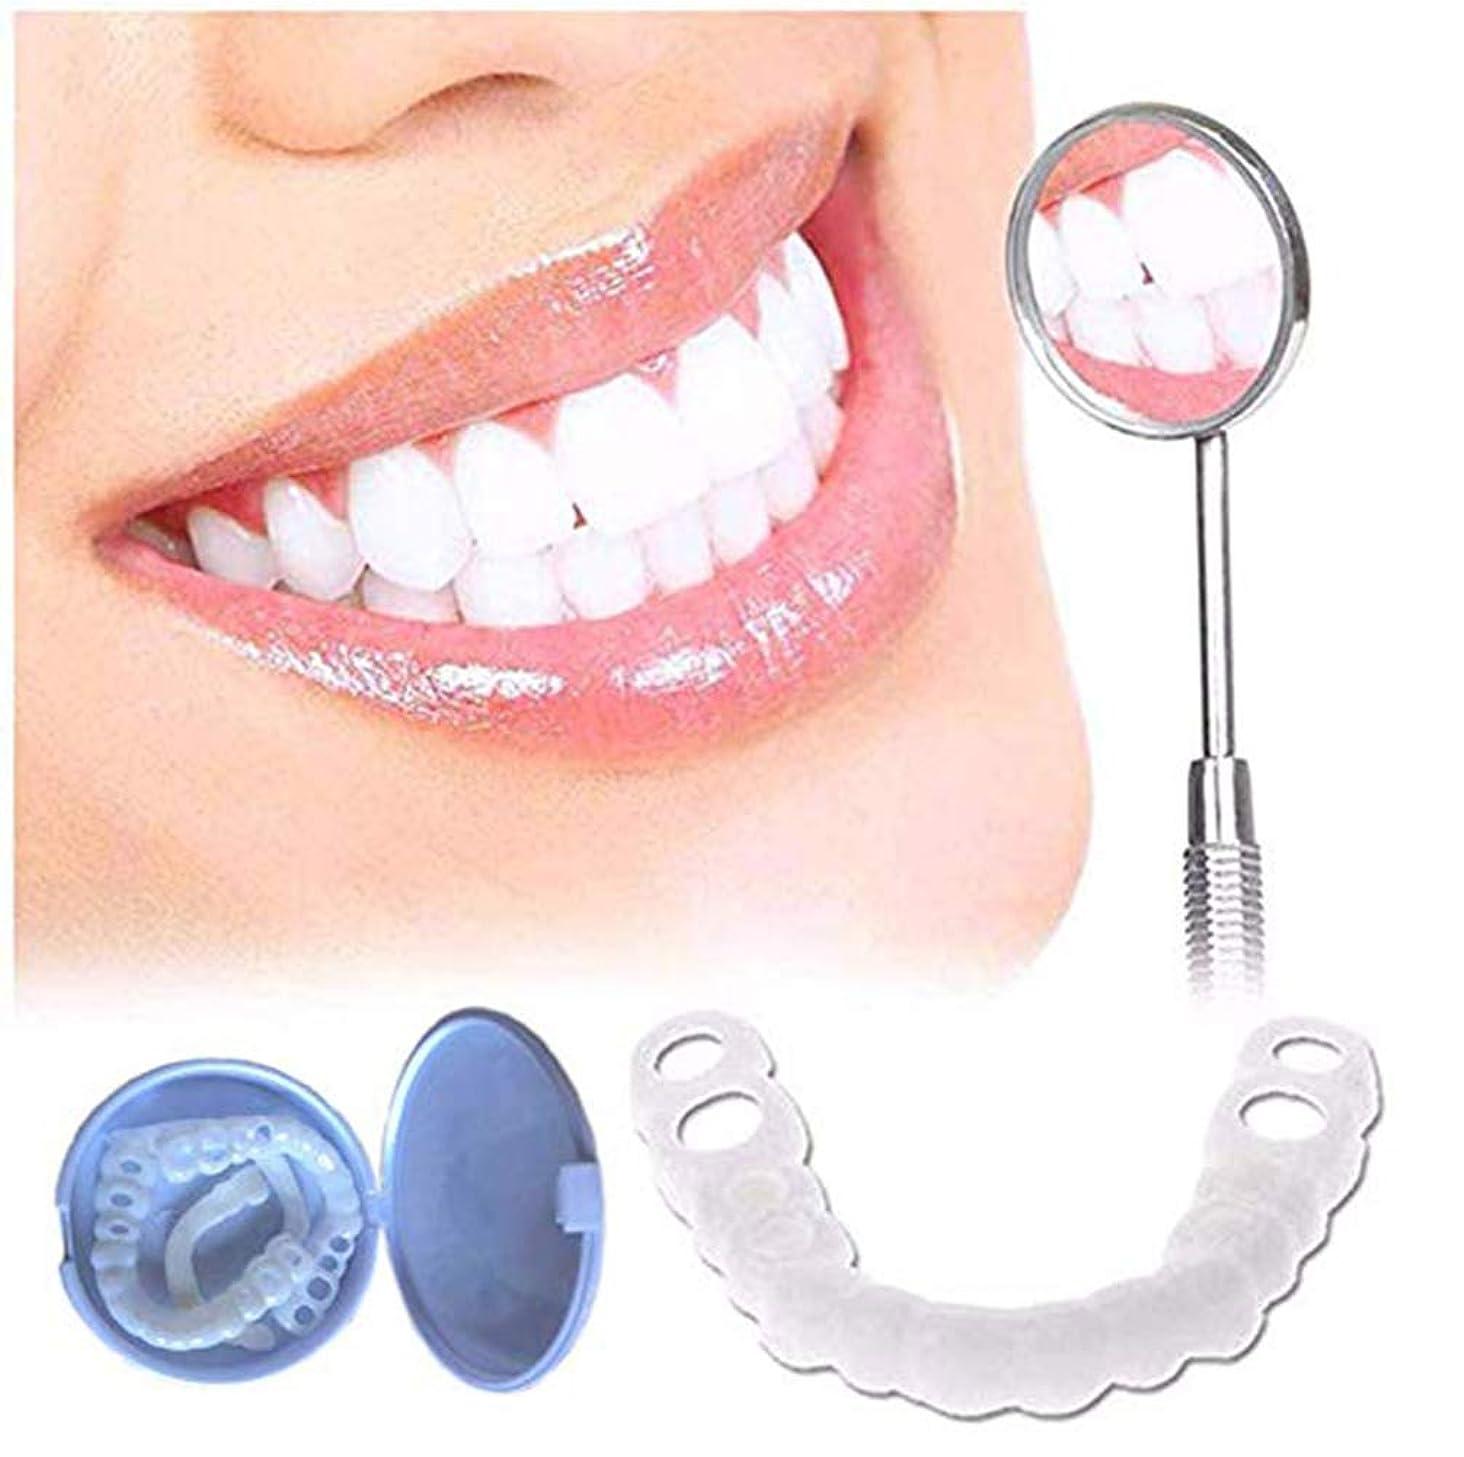 認める写真のパスタ歯ブレースベニア義歯偽の歯スマイル鋸歯状義歯歯の上部と下部のコンフォートフィットフレックスティースソケットで白い歯をきれいに